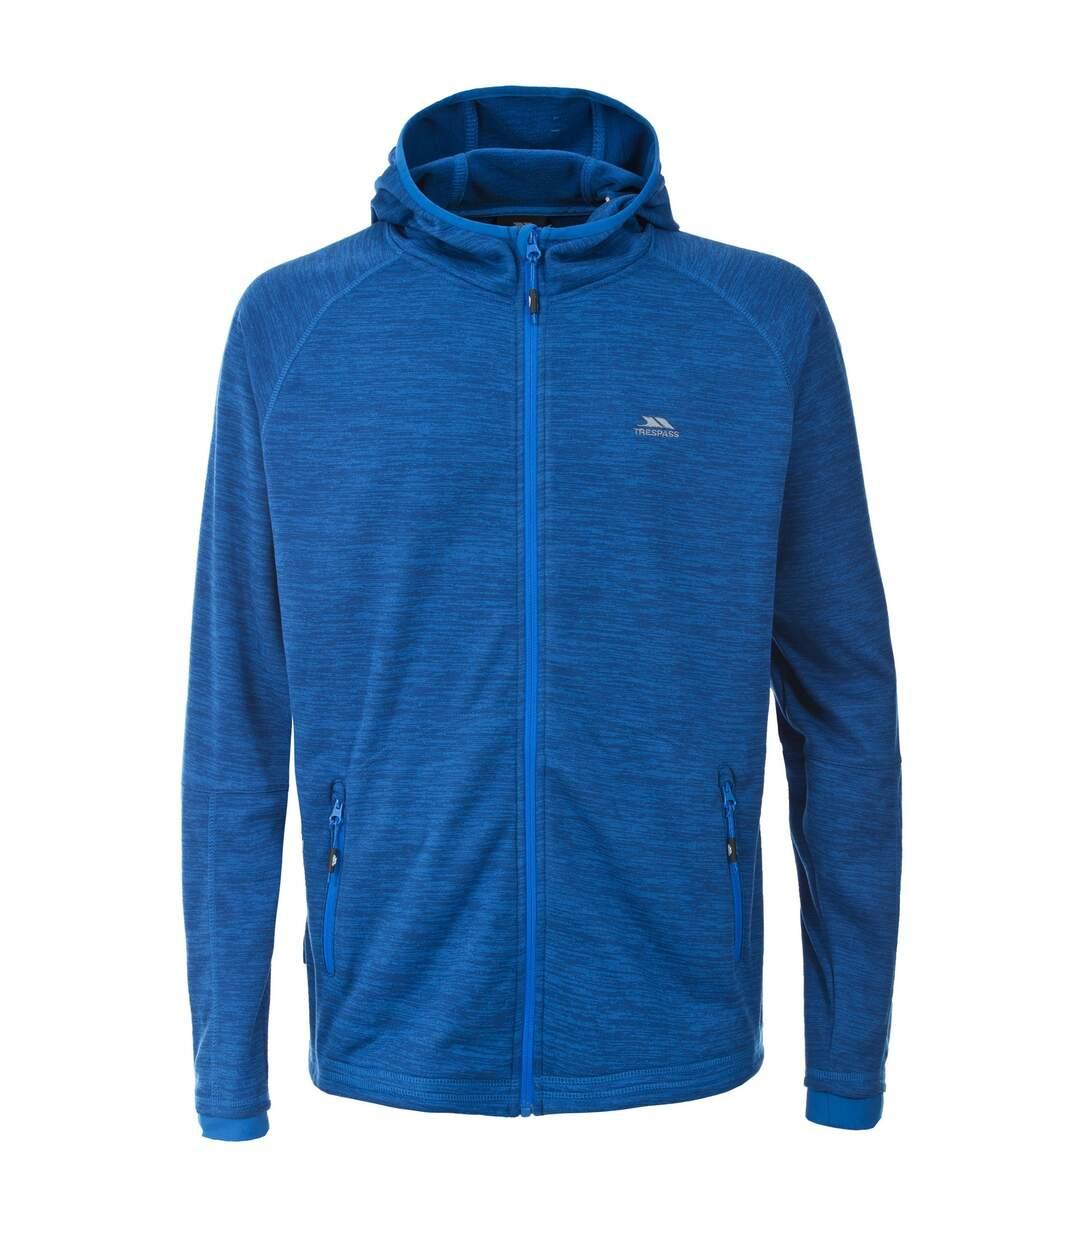 Trespass - Sweat À Capuche Northwood - Homme (Bleu chiné) - UTTP3219